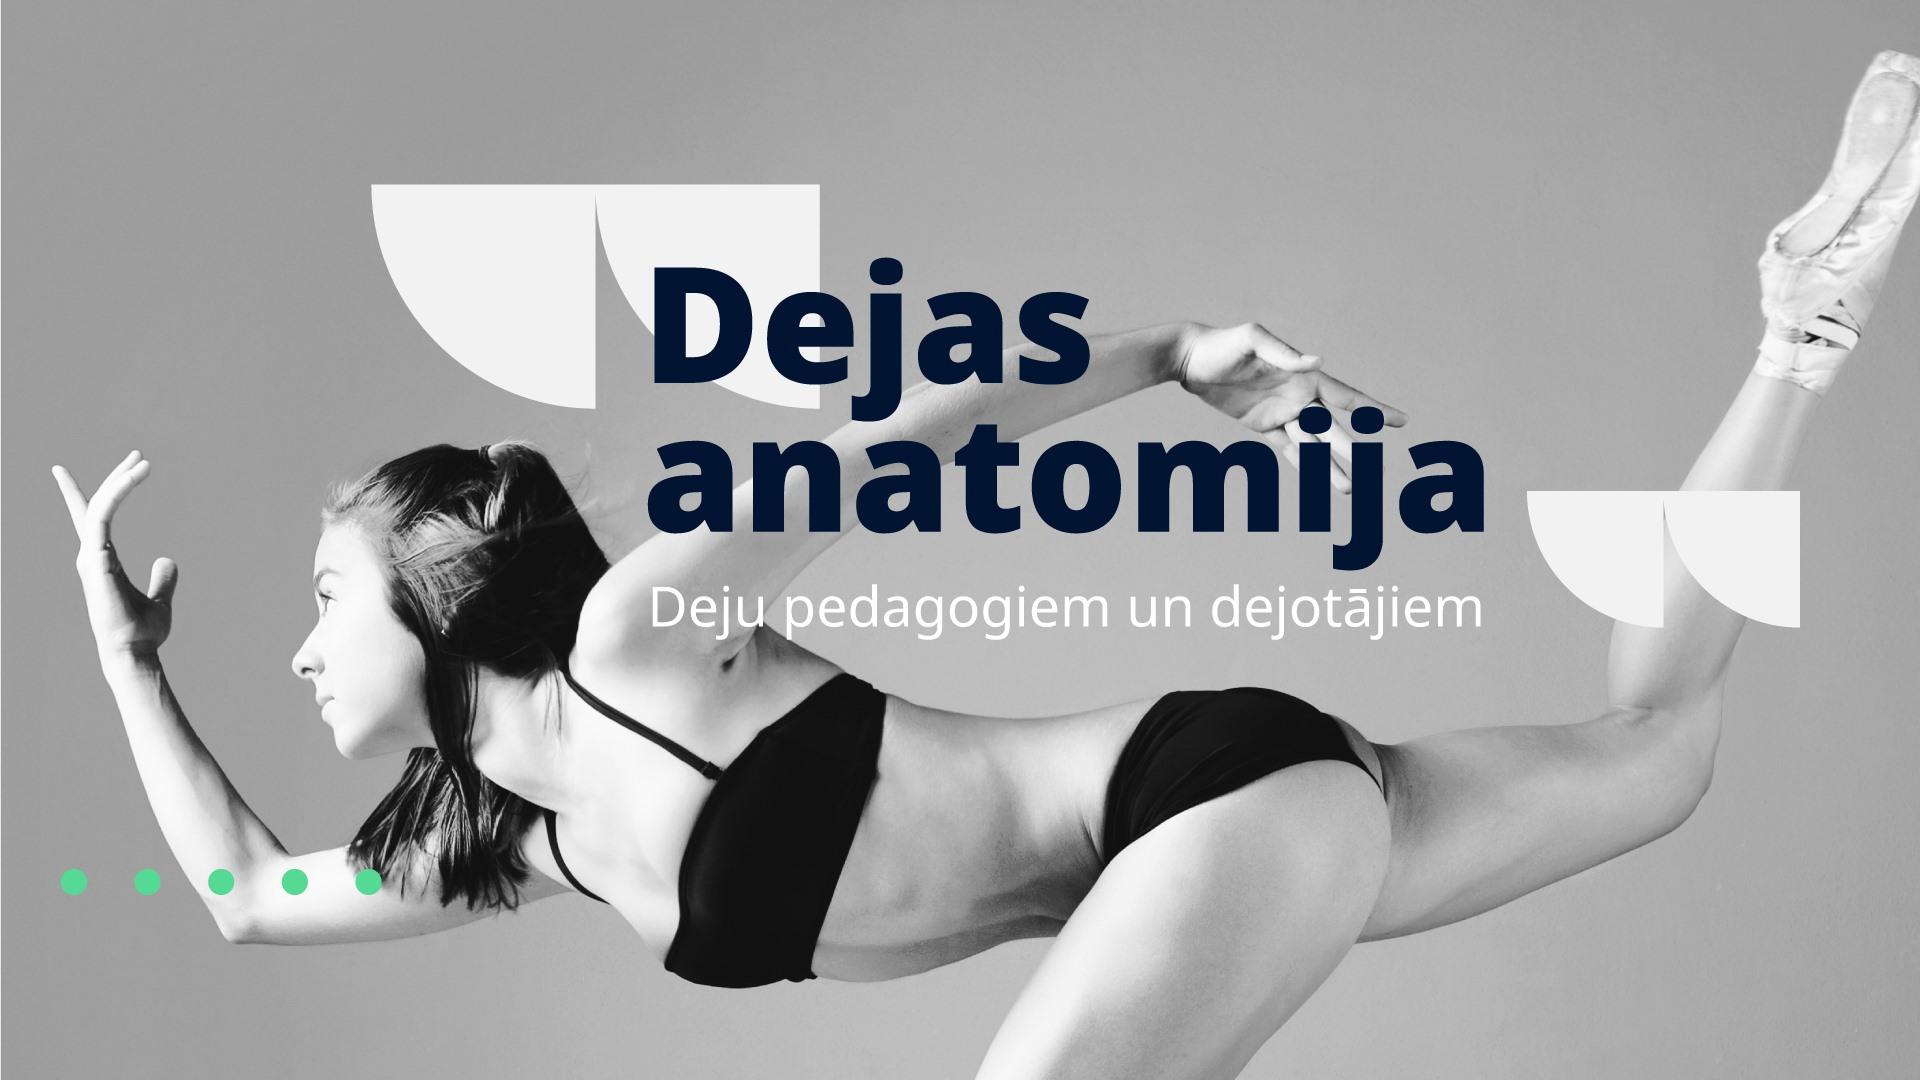 Dejas anatomija